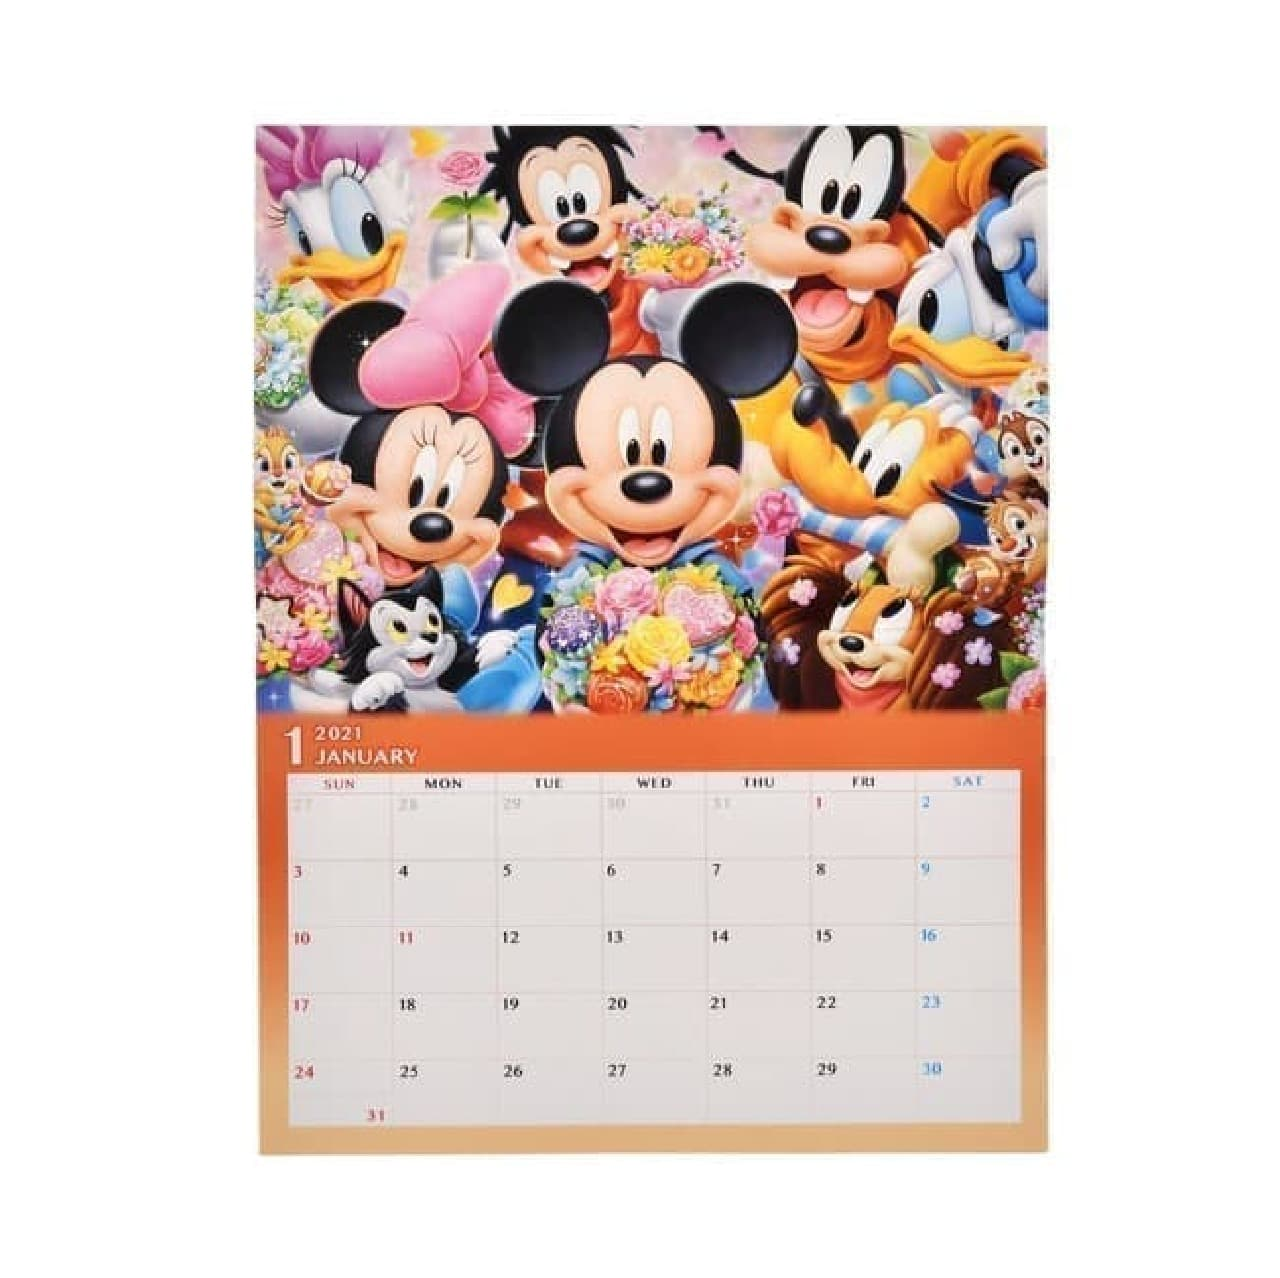 ショップディズニーに2021年版カレンダーやスケジュール帳 -- オリジナルデザインのロルバーンダイアリーも